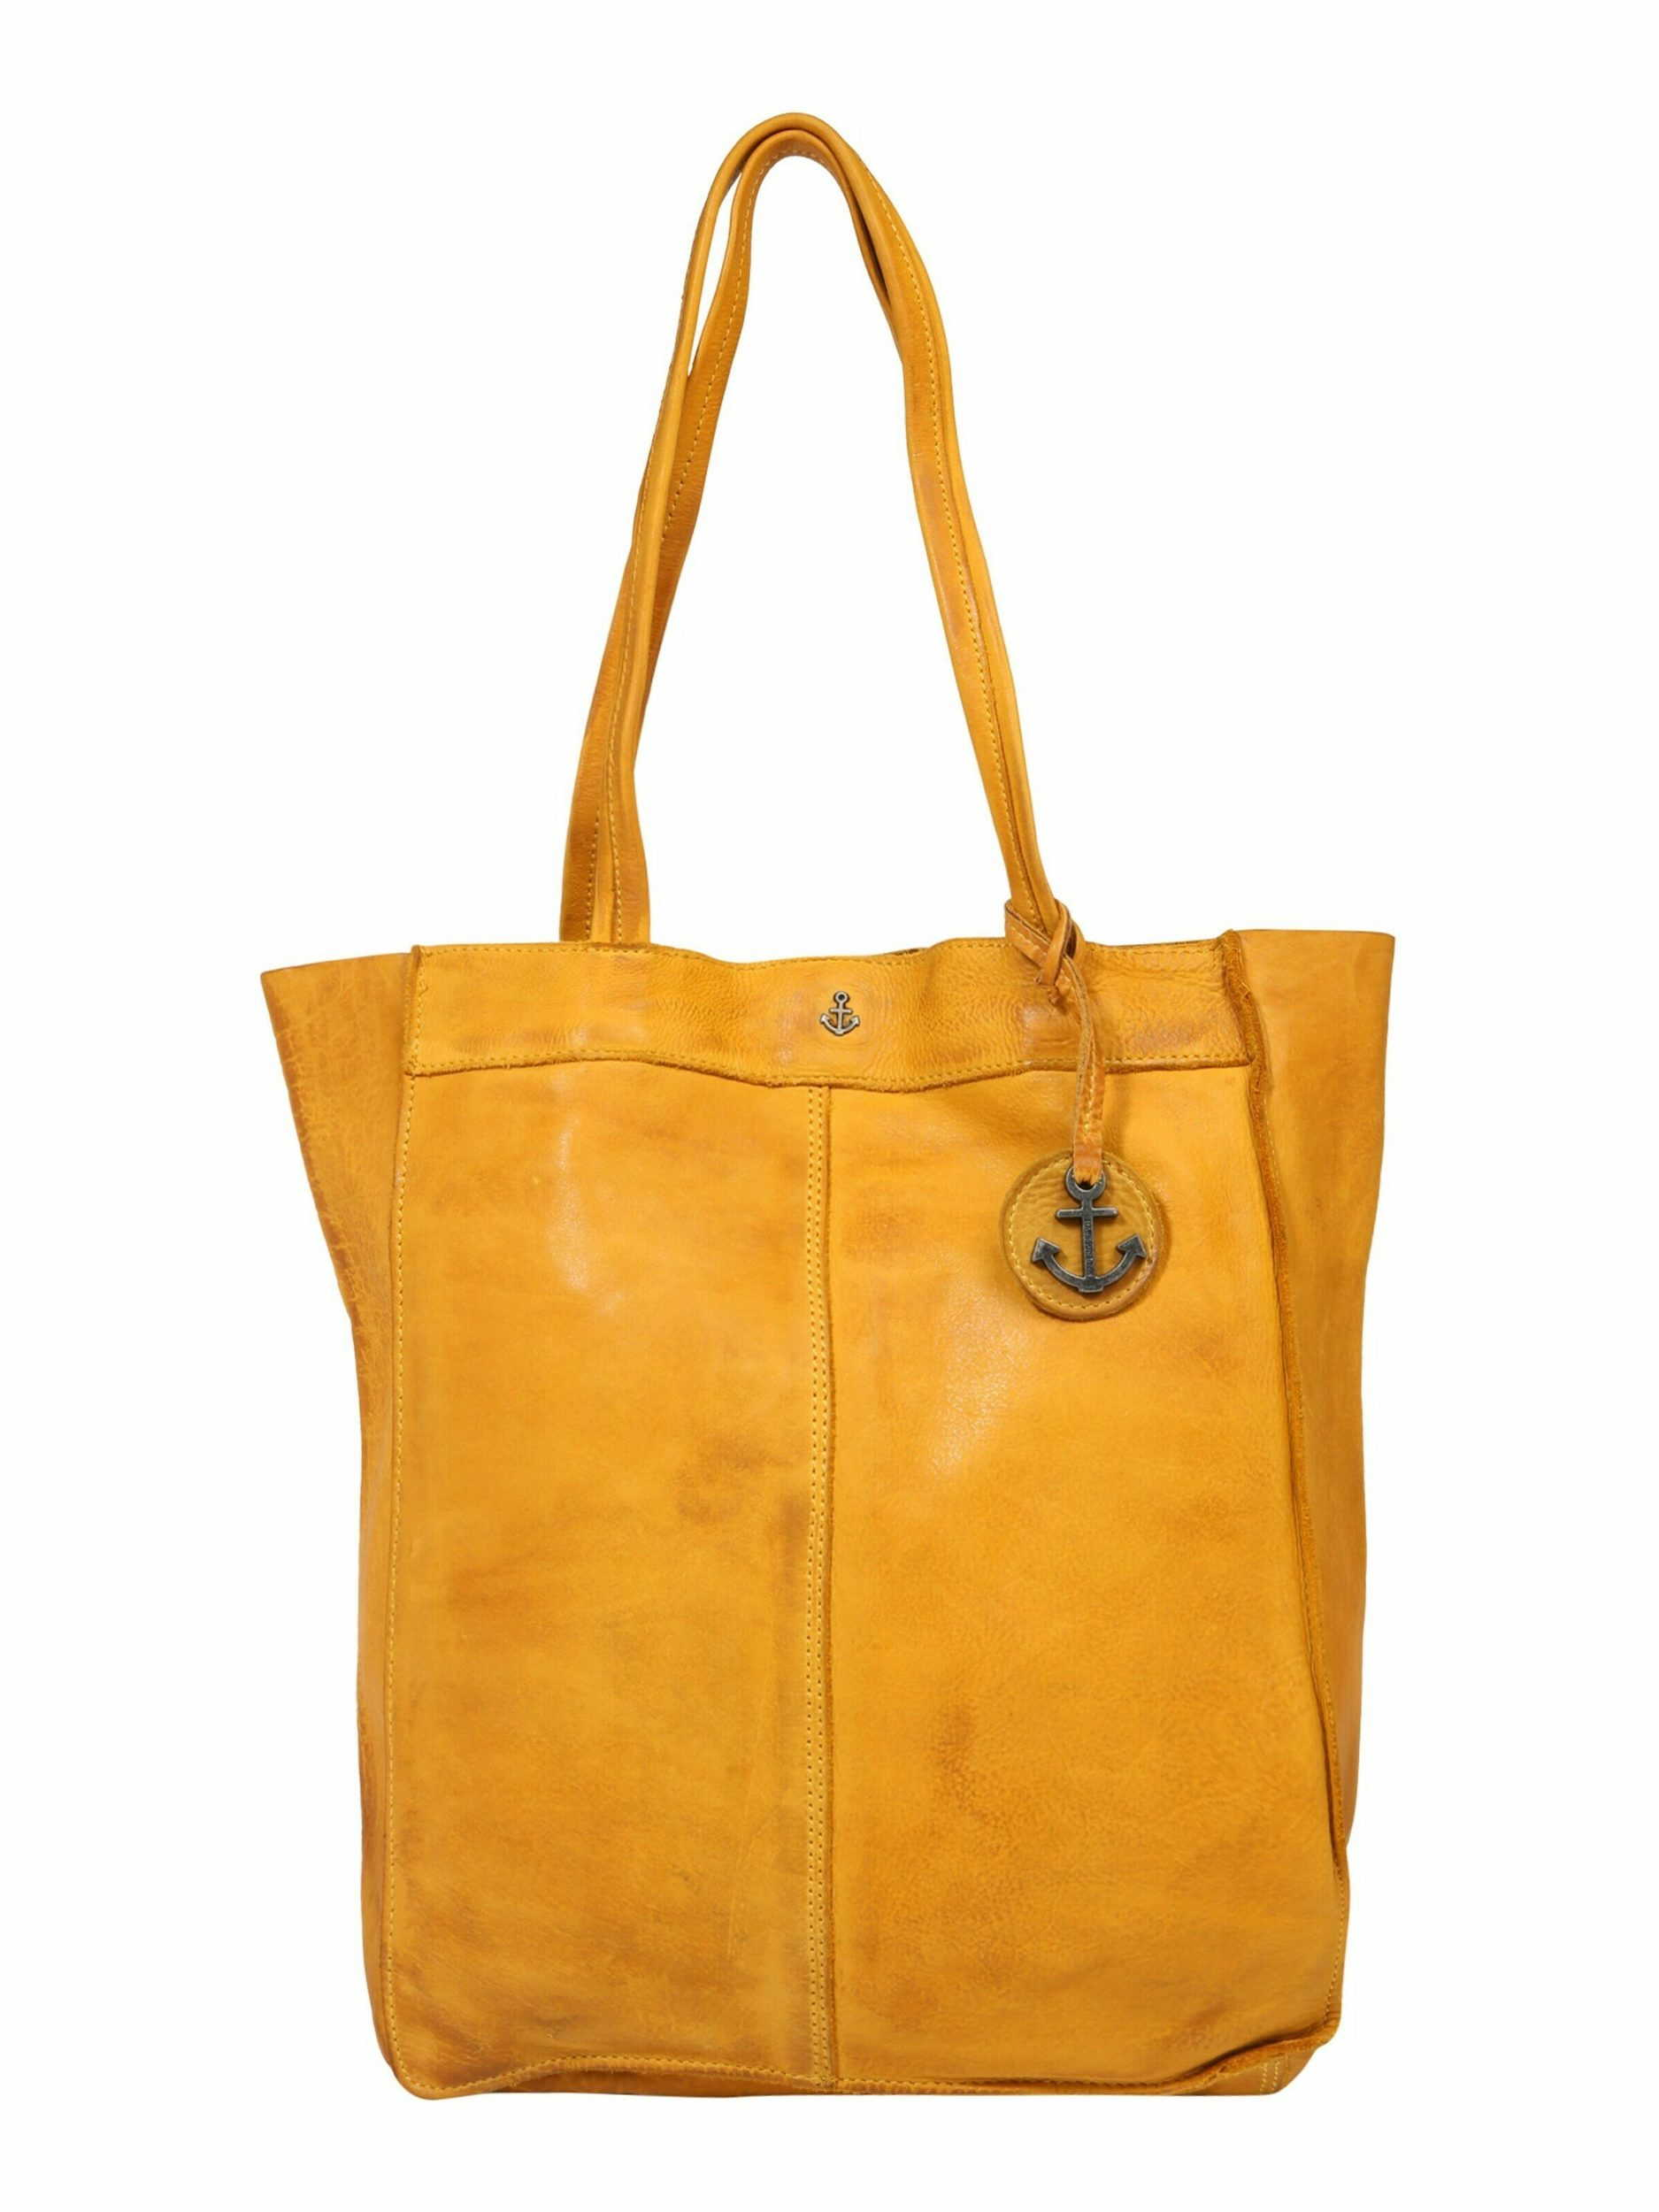 Hamled Handtaschen Taschen B3.6595 Gelb i5PAW